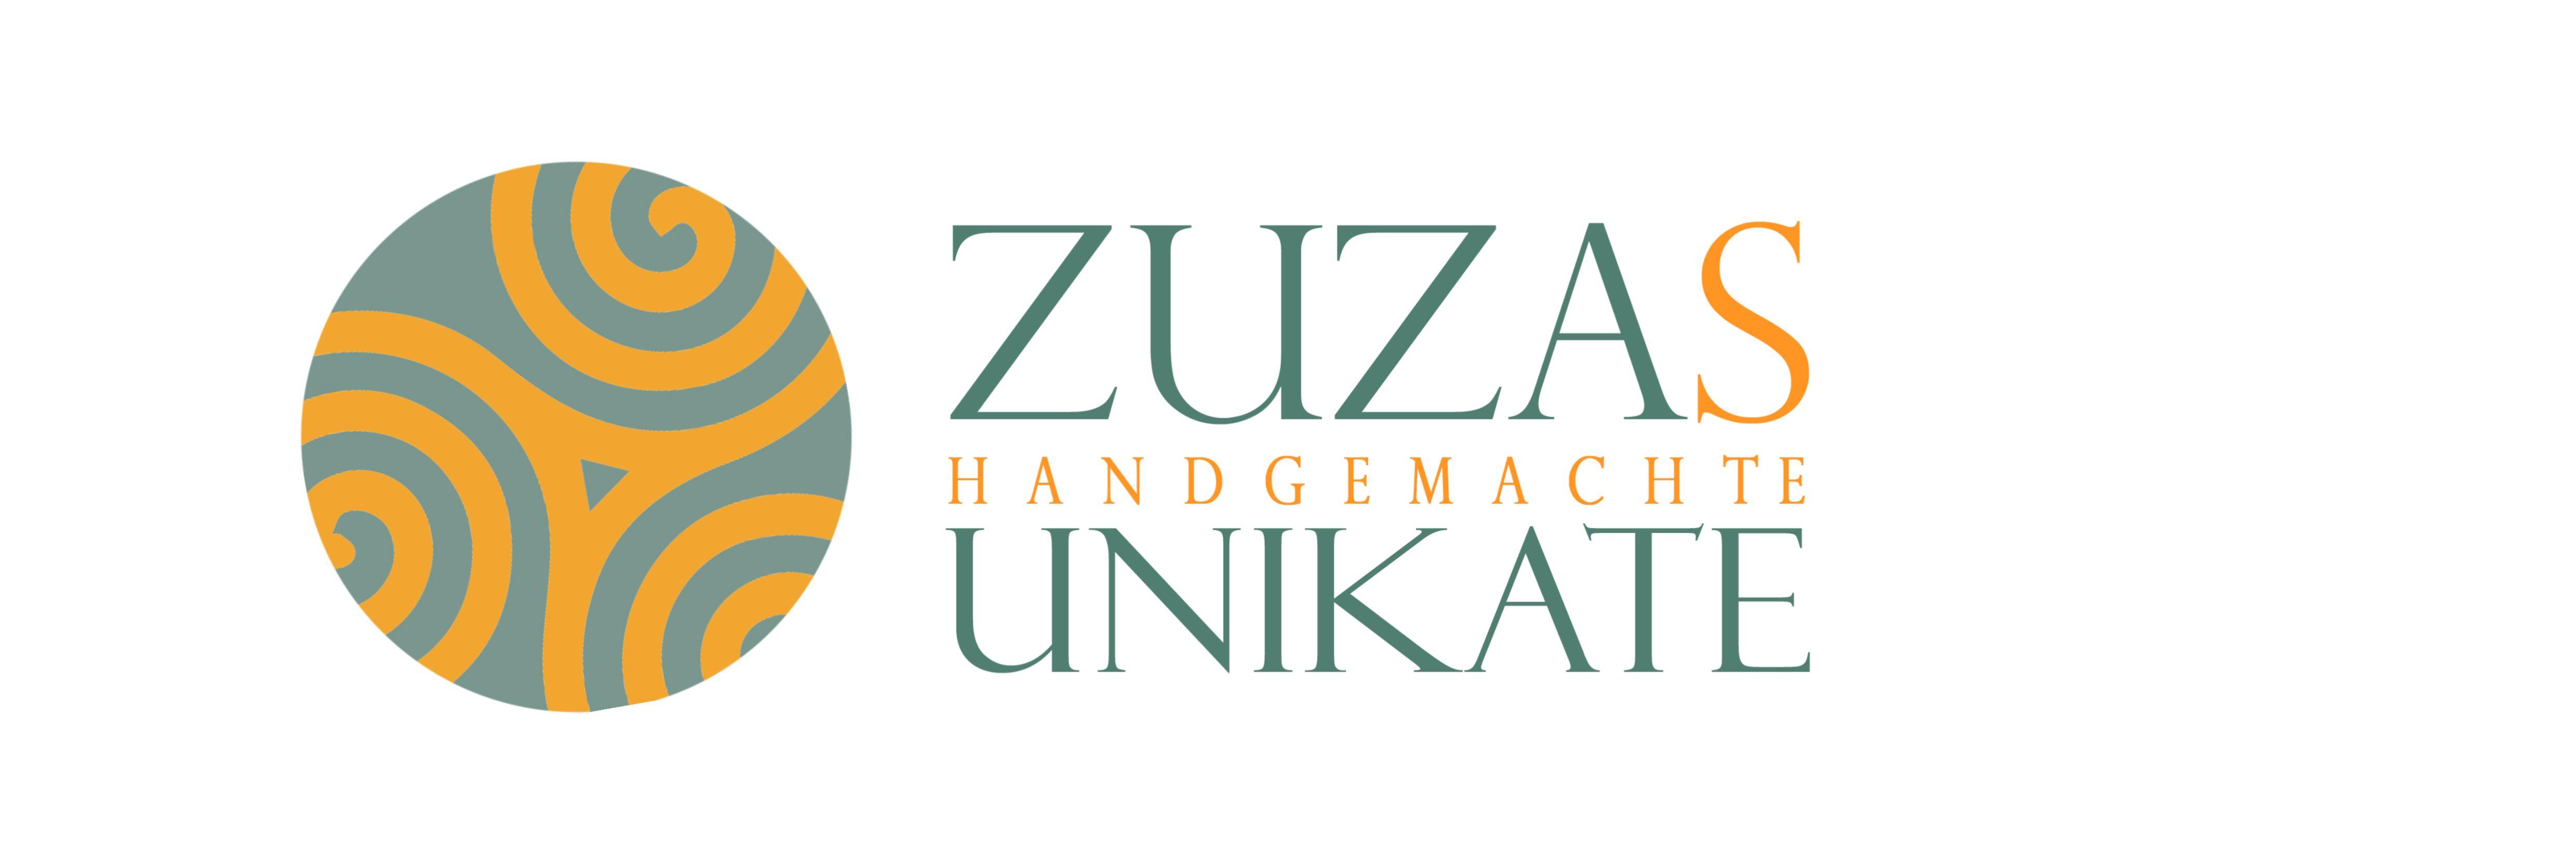 ZUZAS Handgemachte UNIKATE